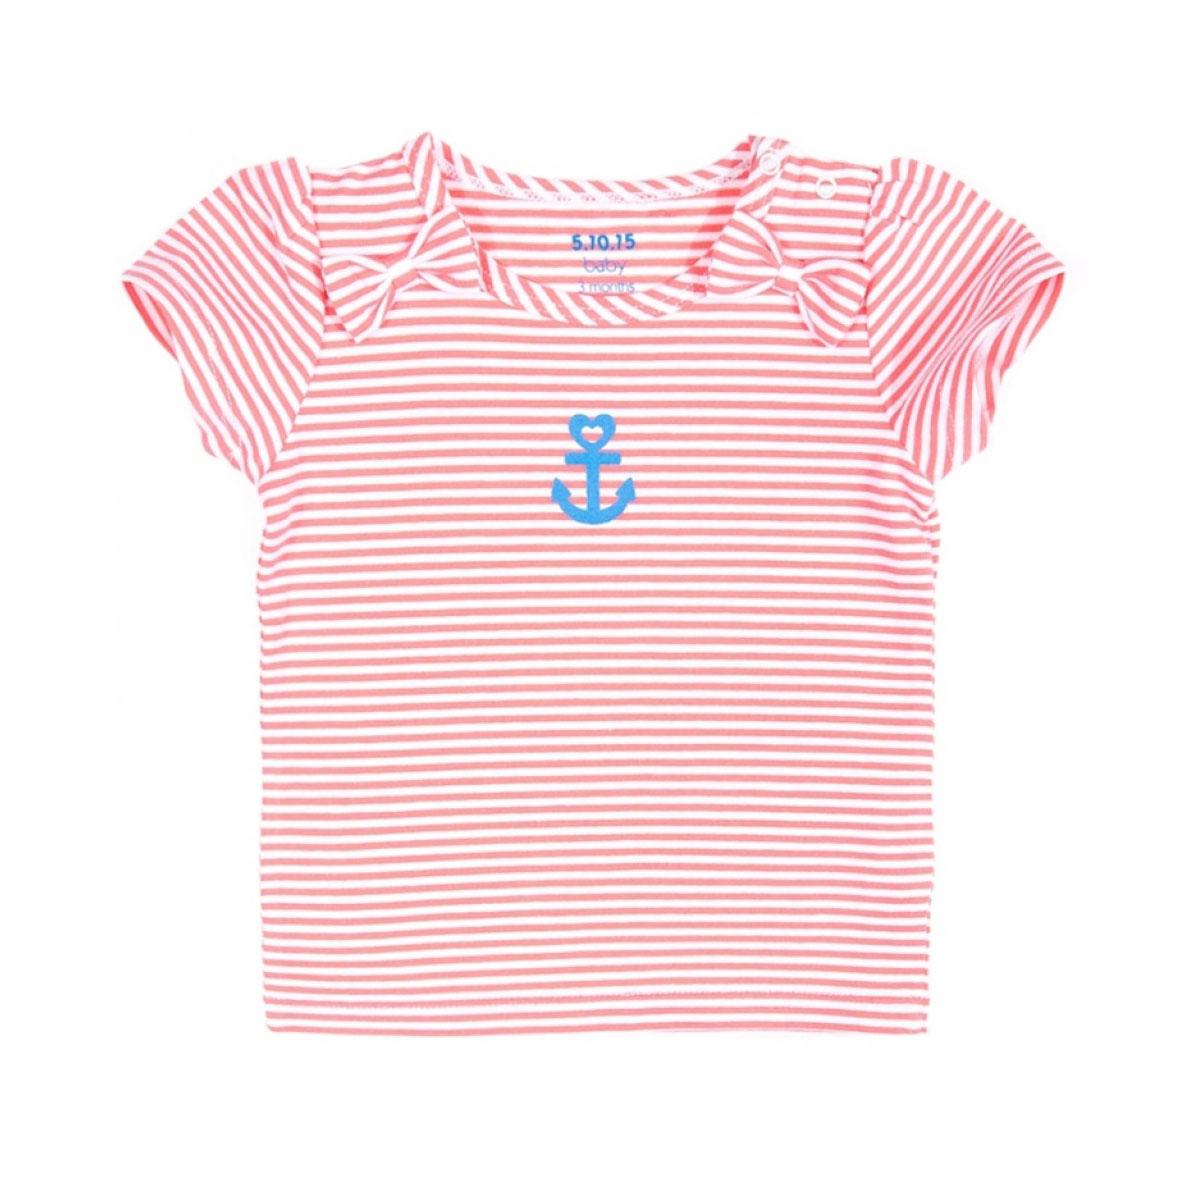 Блузка 5.10.15 светло-розовая Размер 86